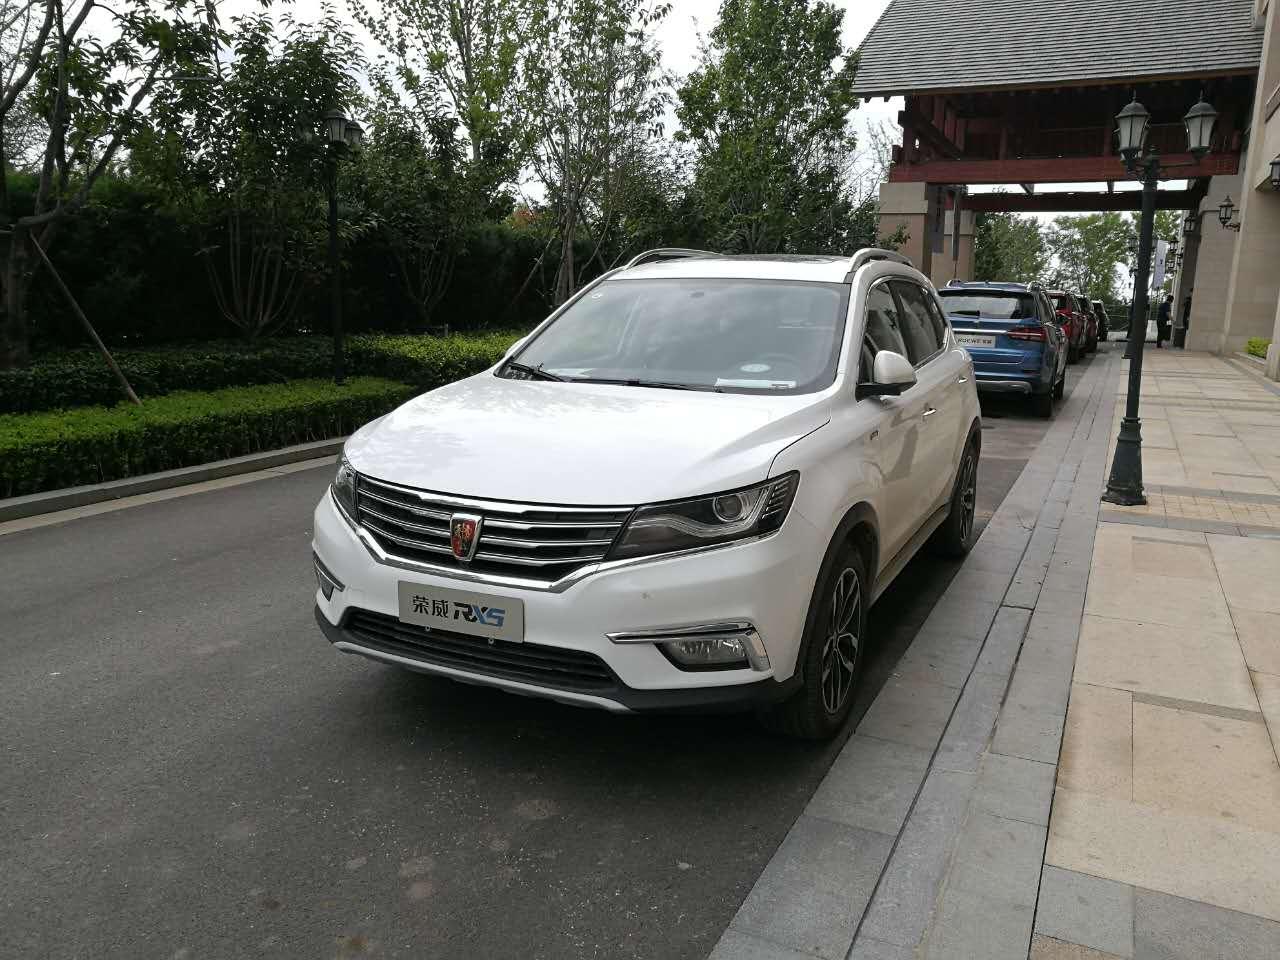 上汽阿里的互联网汽车荣威RX5 登陆 北京高清图片